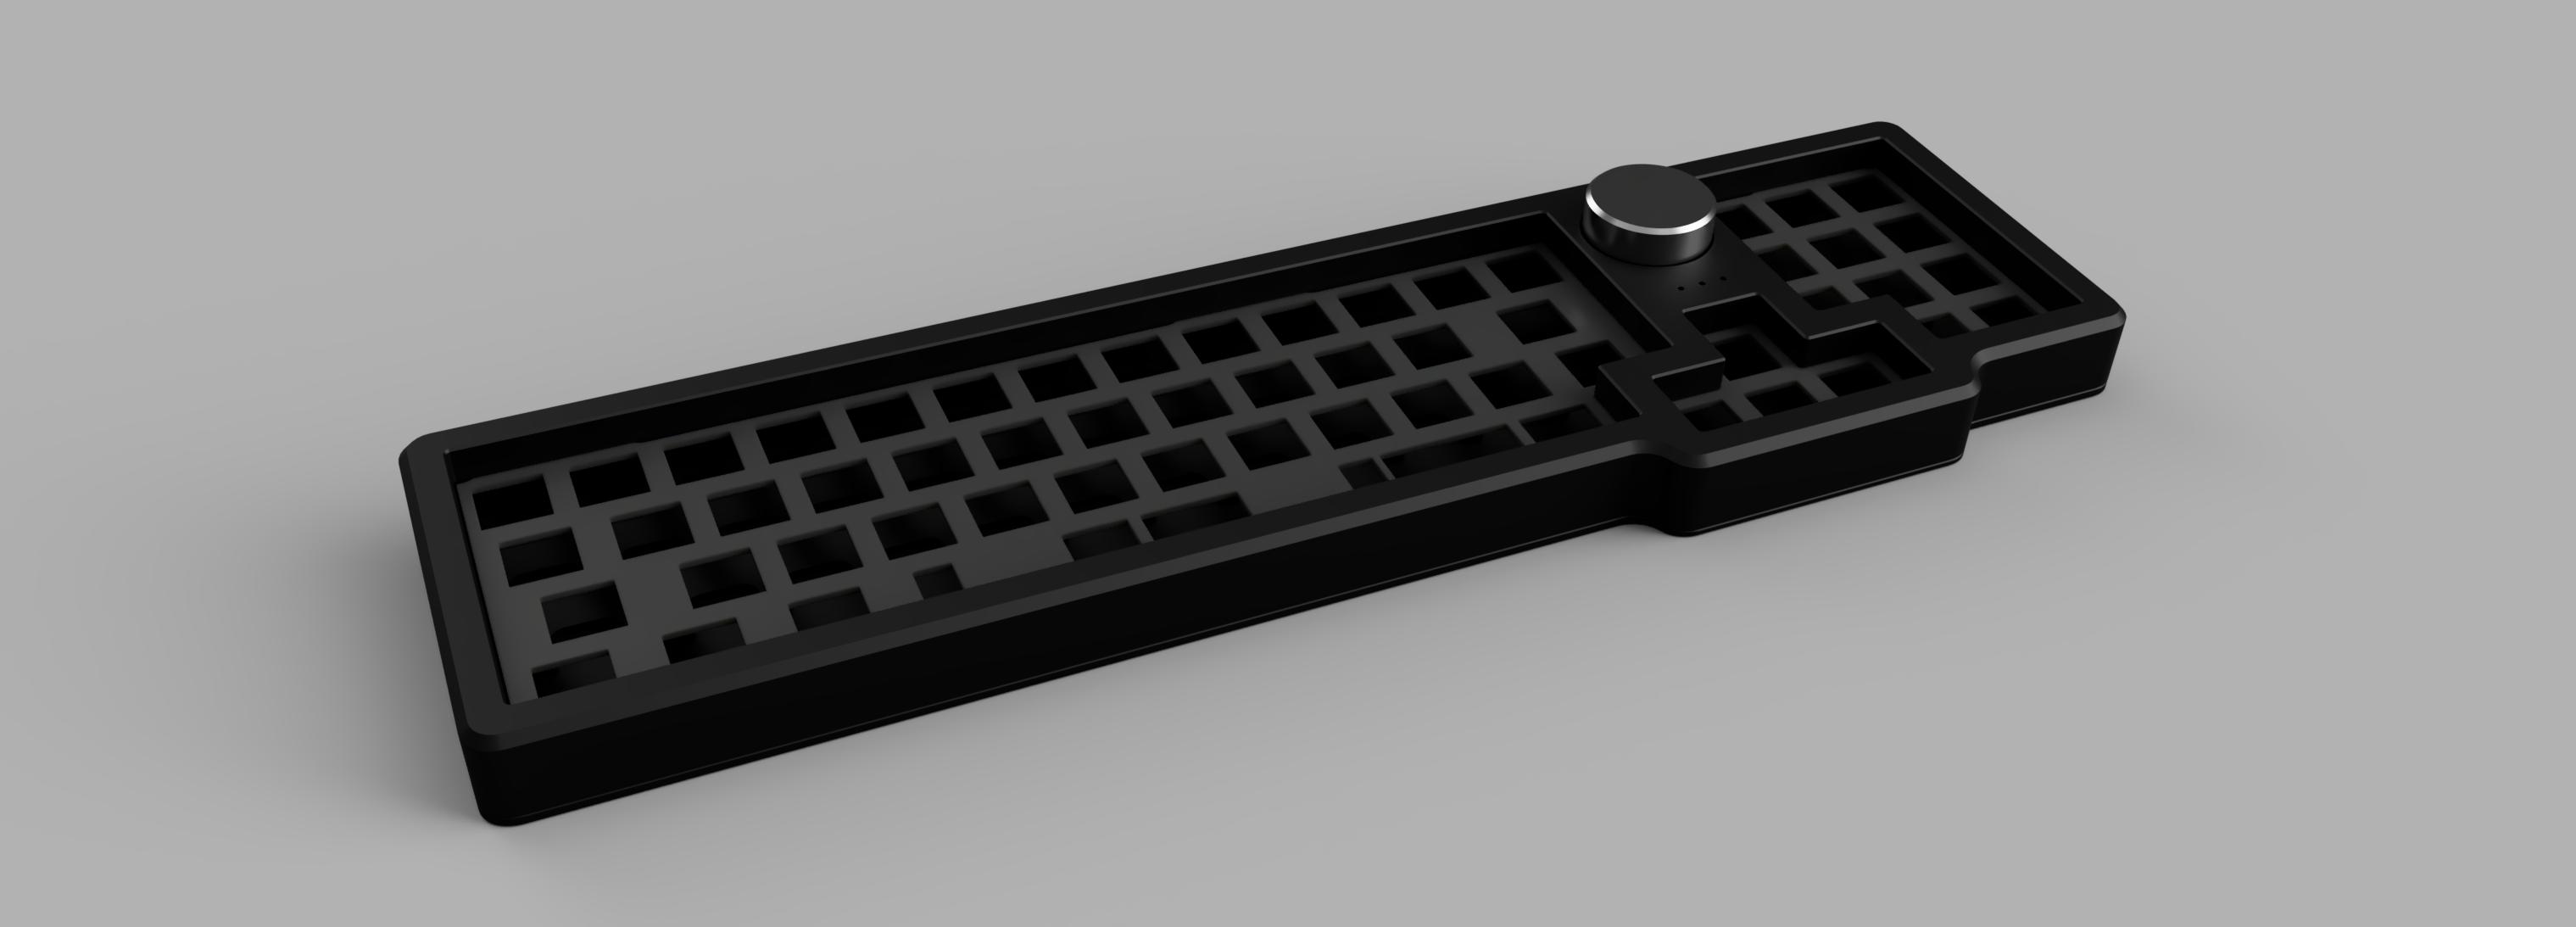 Render of the black aluminum case and titanium knob